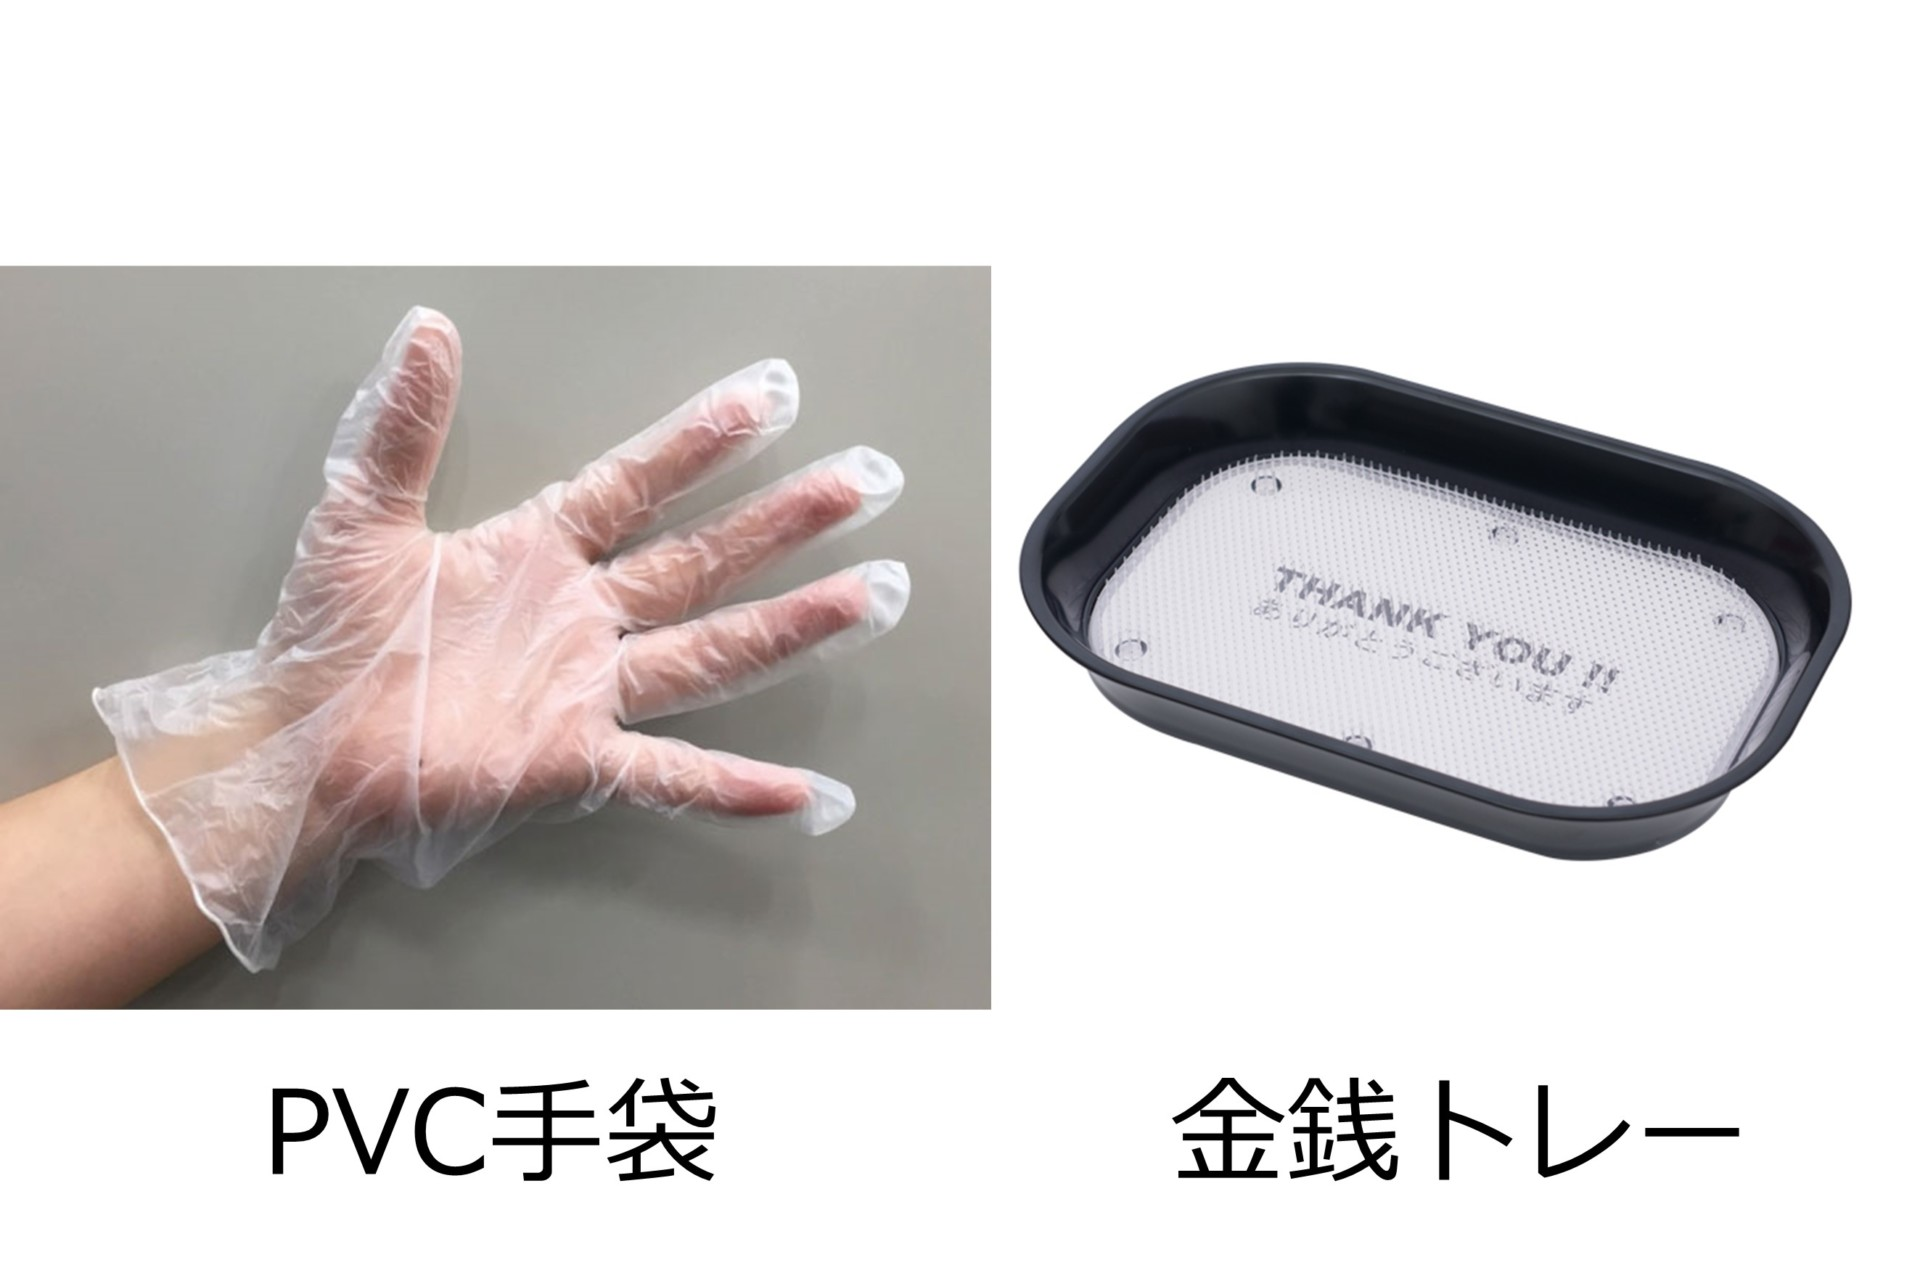 PVC手袋、金銭トレー